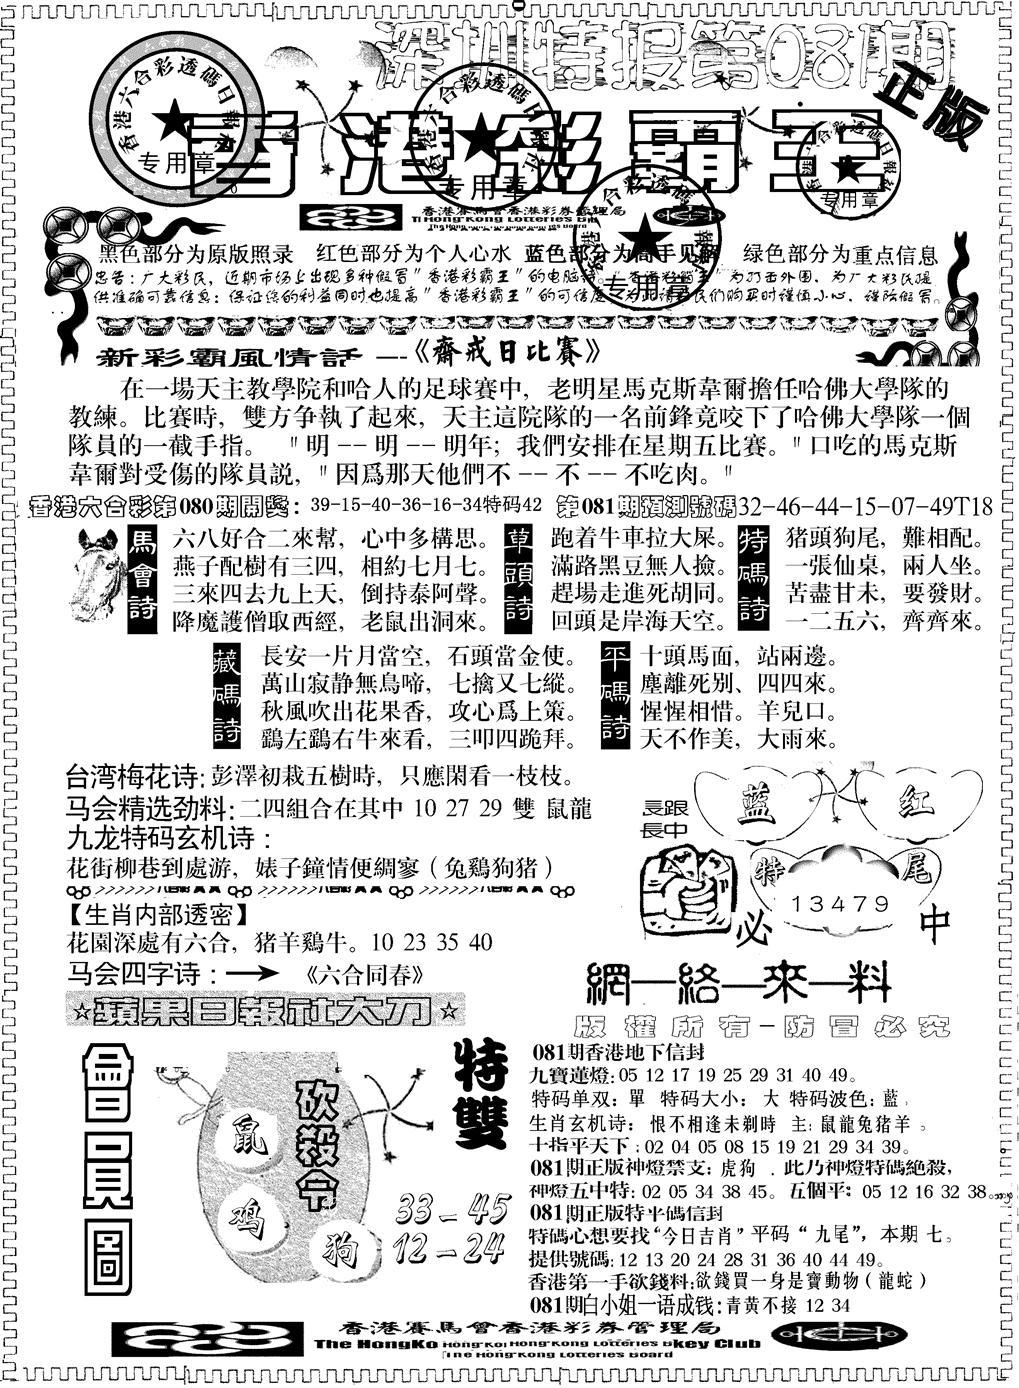 081期另版新版彩霸王A(黑白)